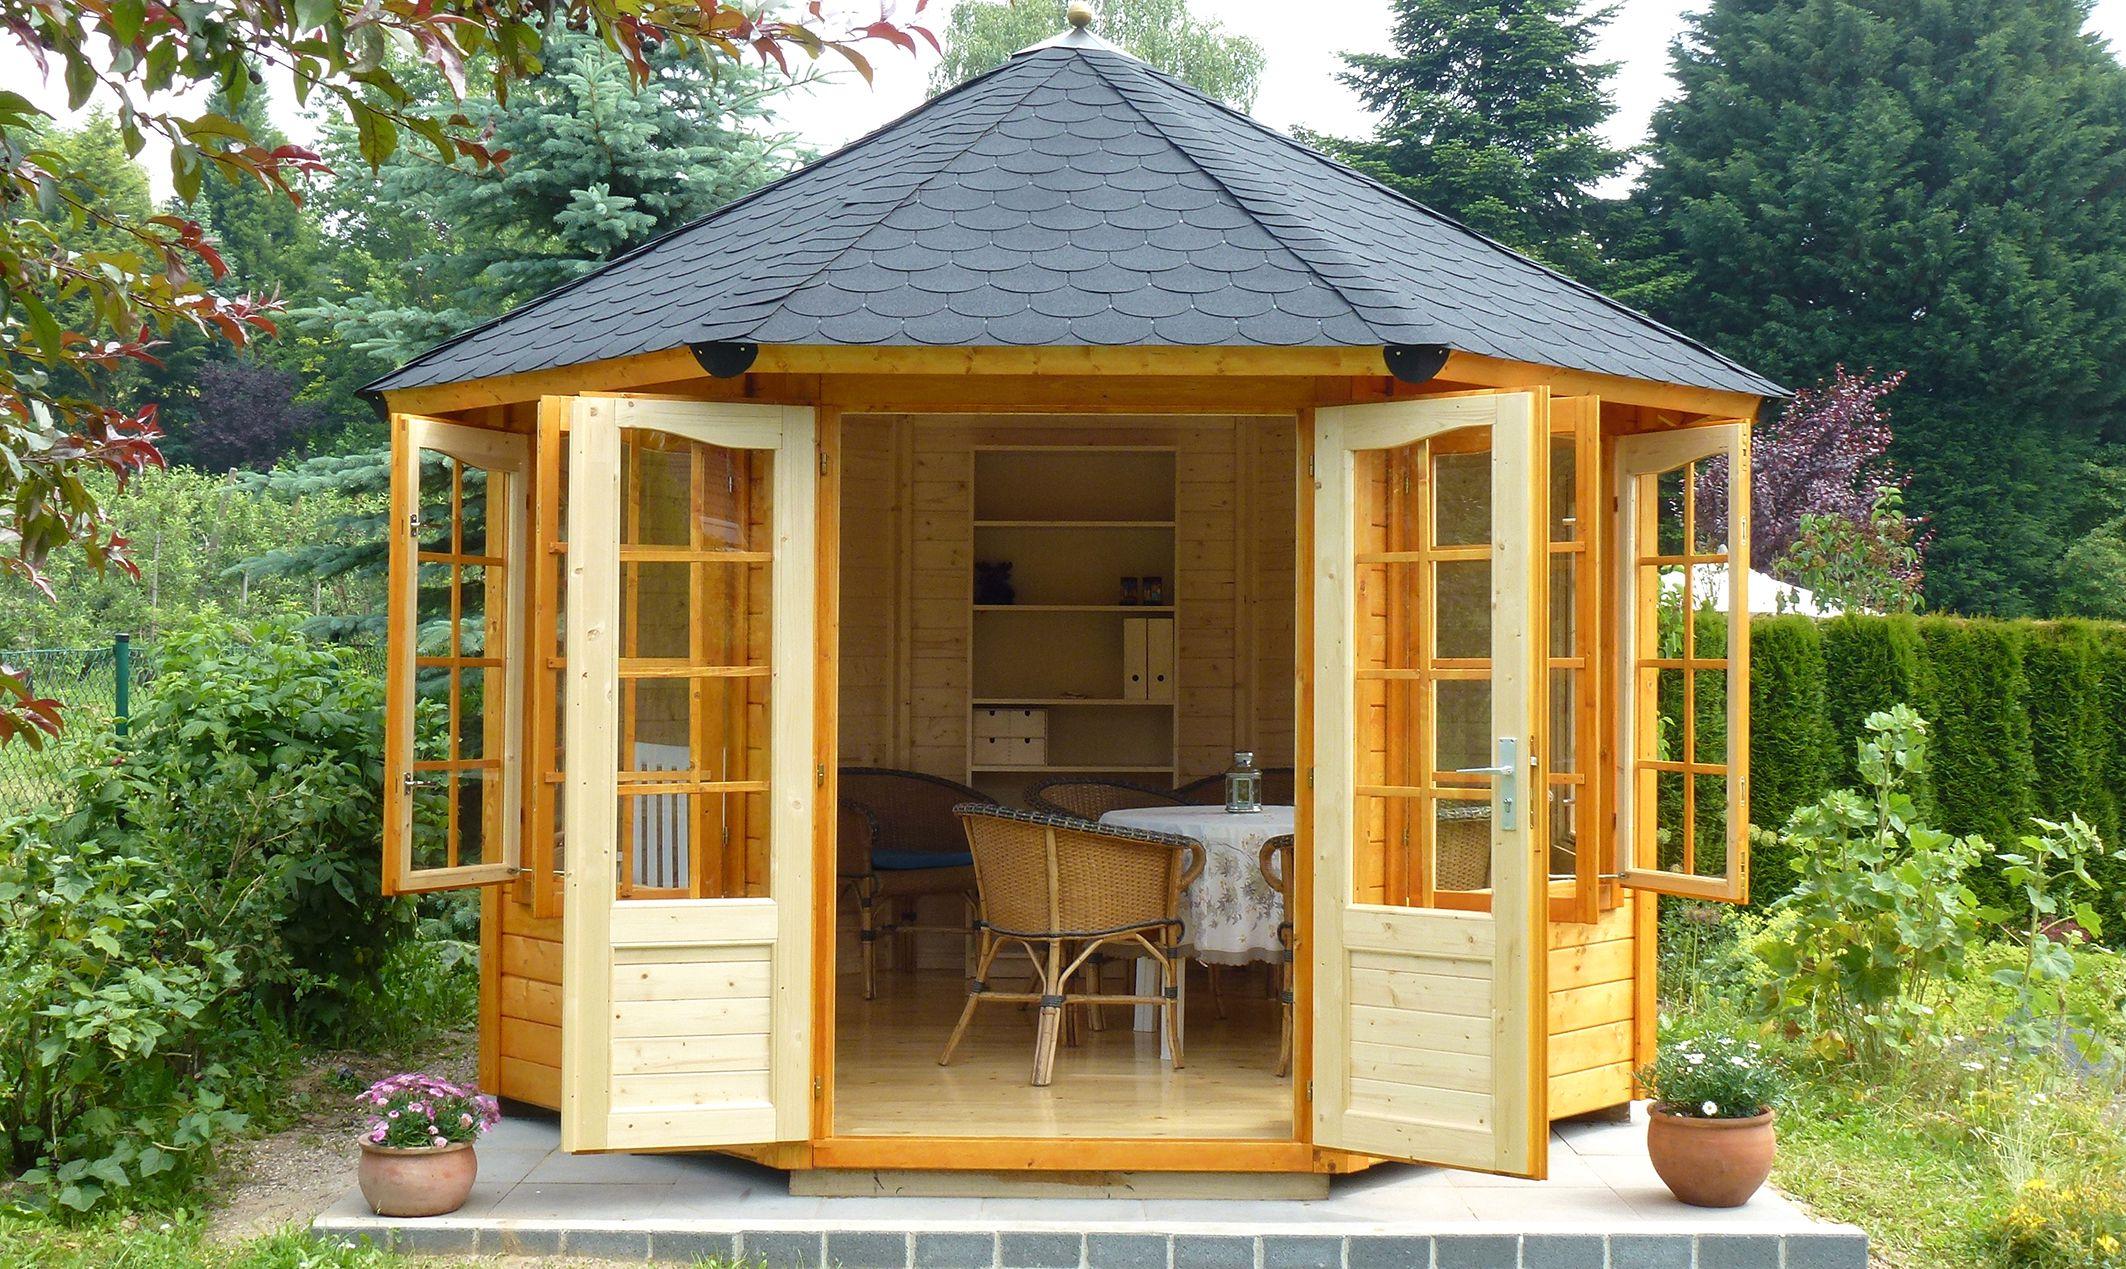 gartenlauben grilllauben und pavillons aus holz geschlossen sommergl ck kaufen. Black Bedroom Furniture Sets. Home Design Ideas